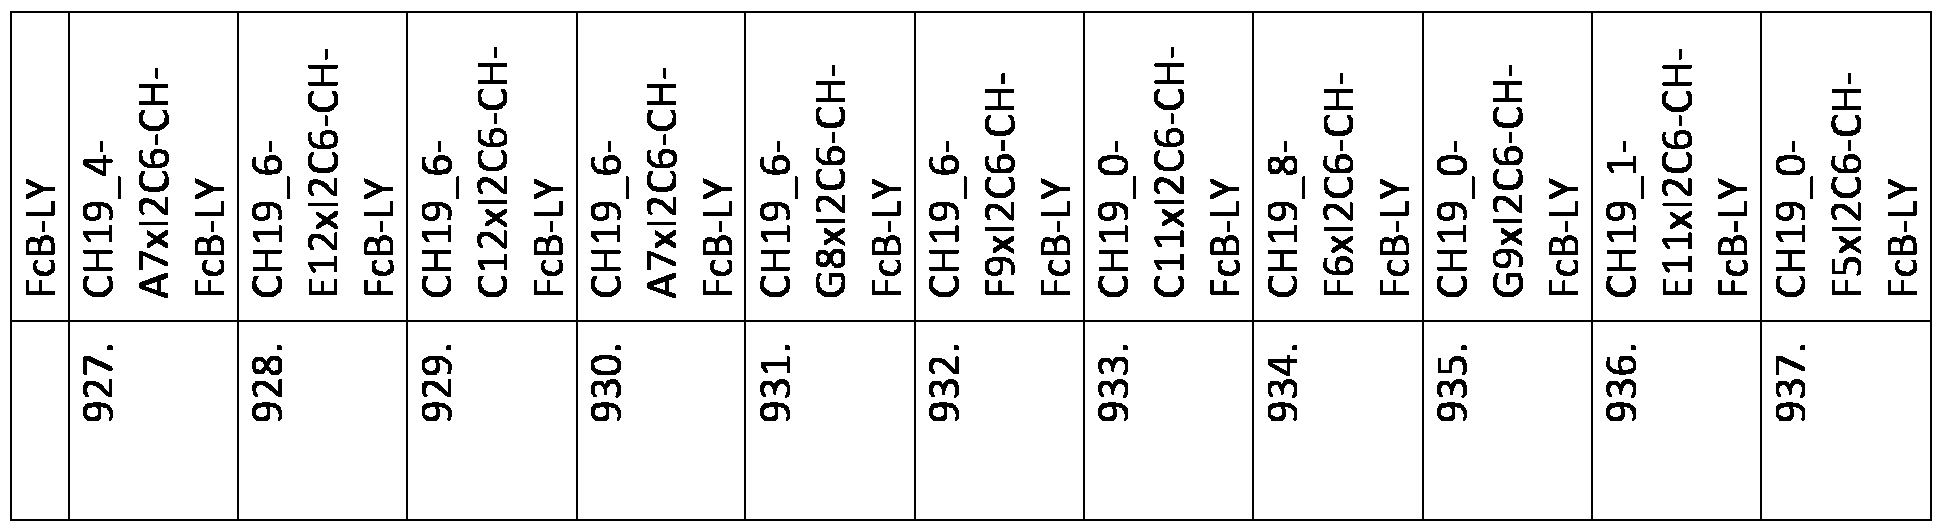 Figure imgf000109_0003